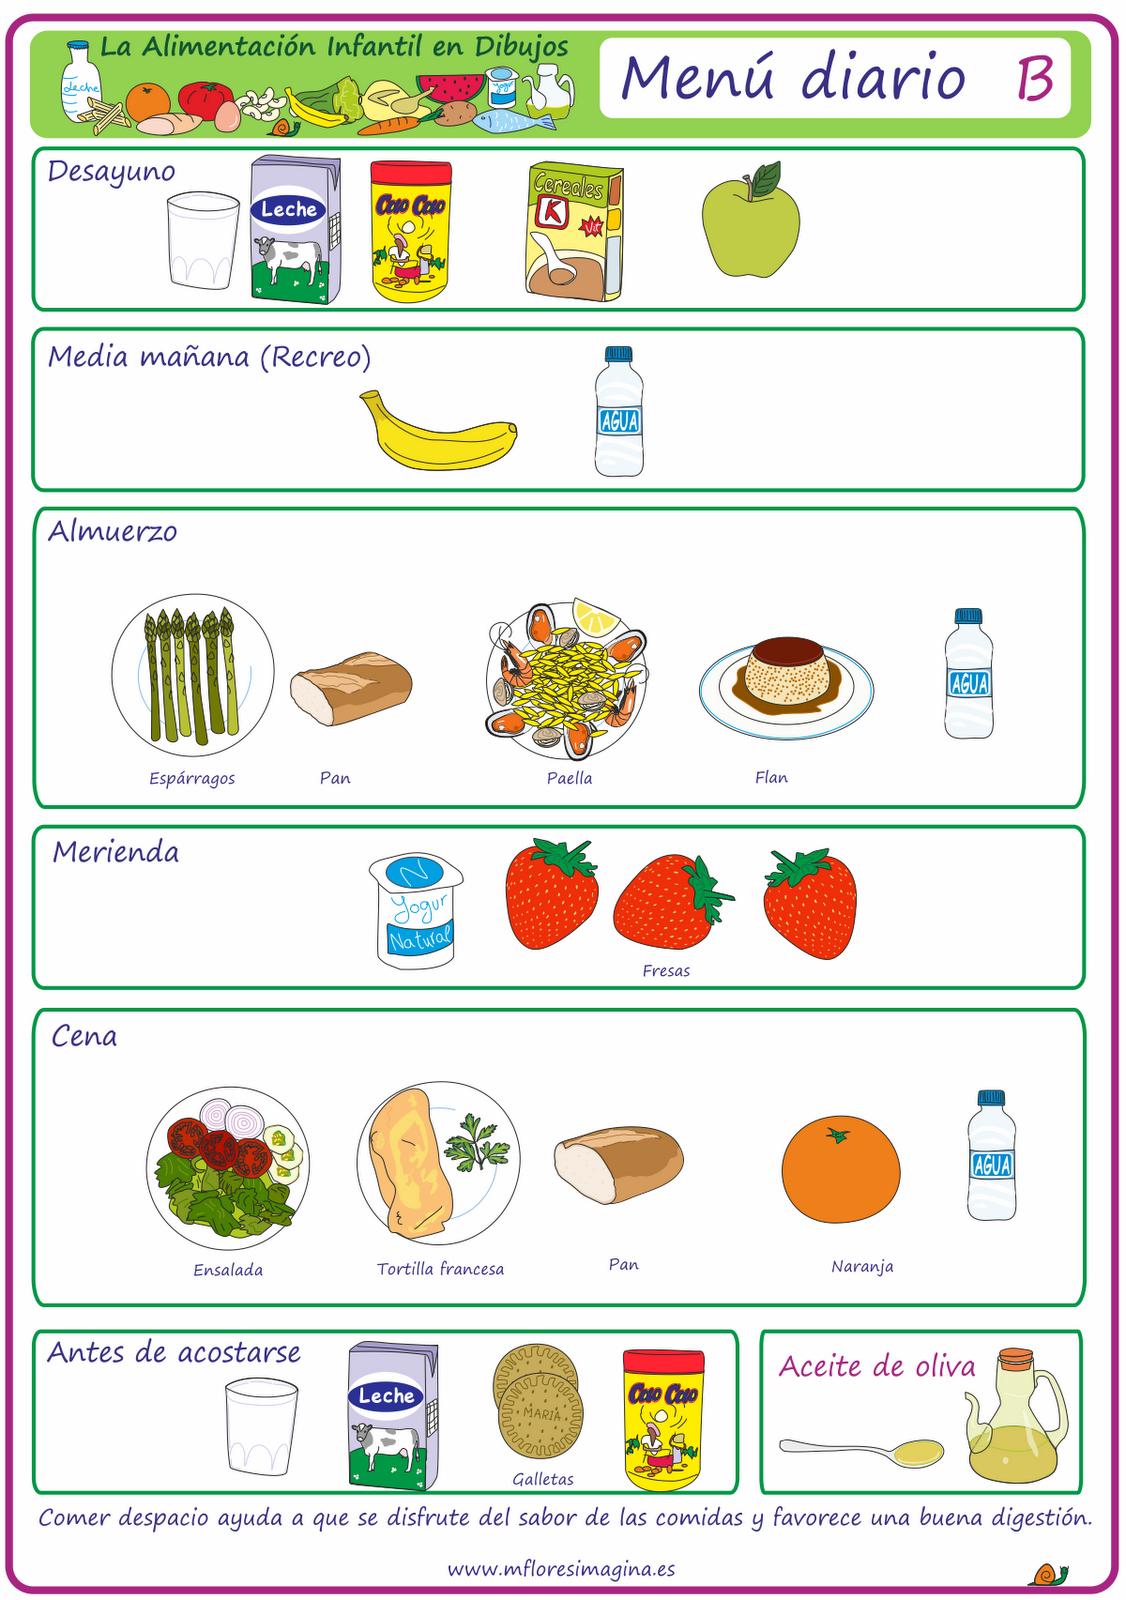 La alimentacin infantil en dibujos Etapa escolar